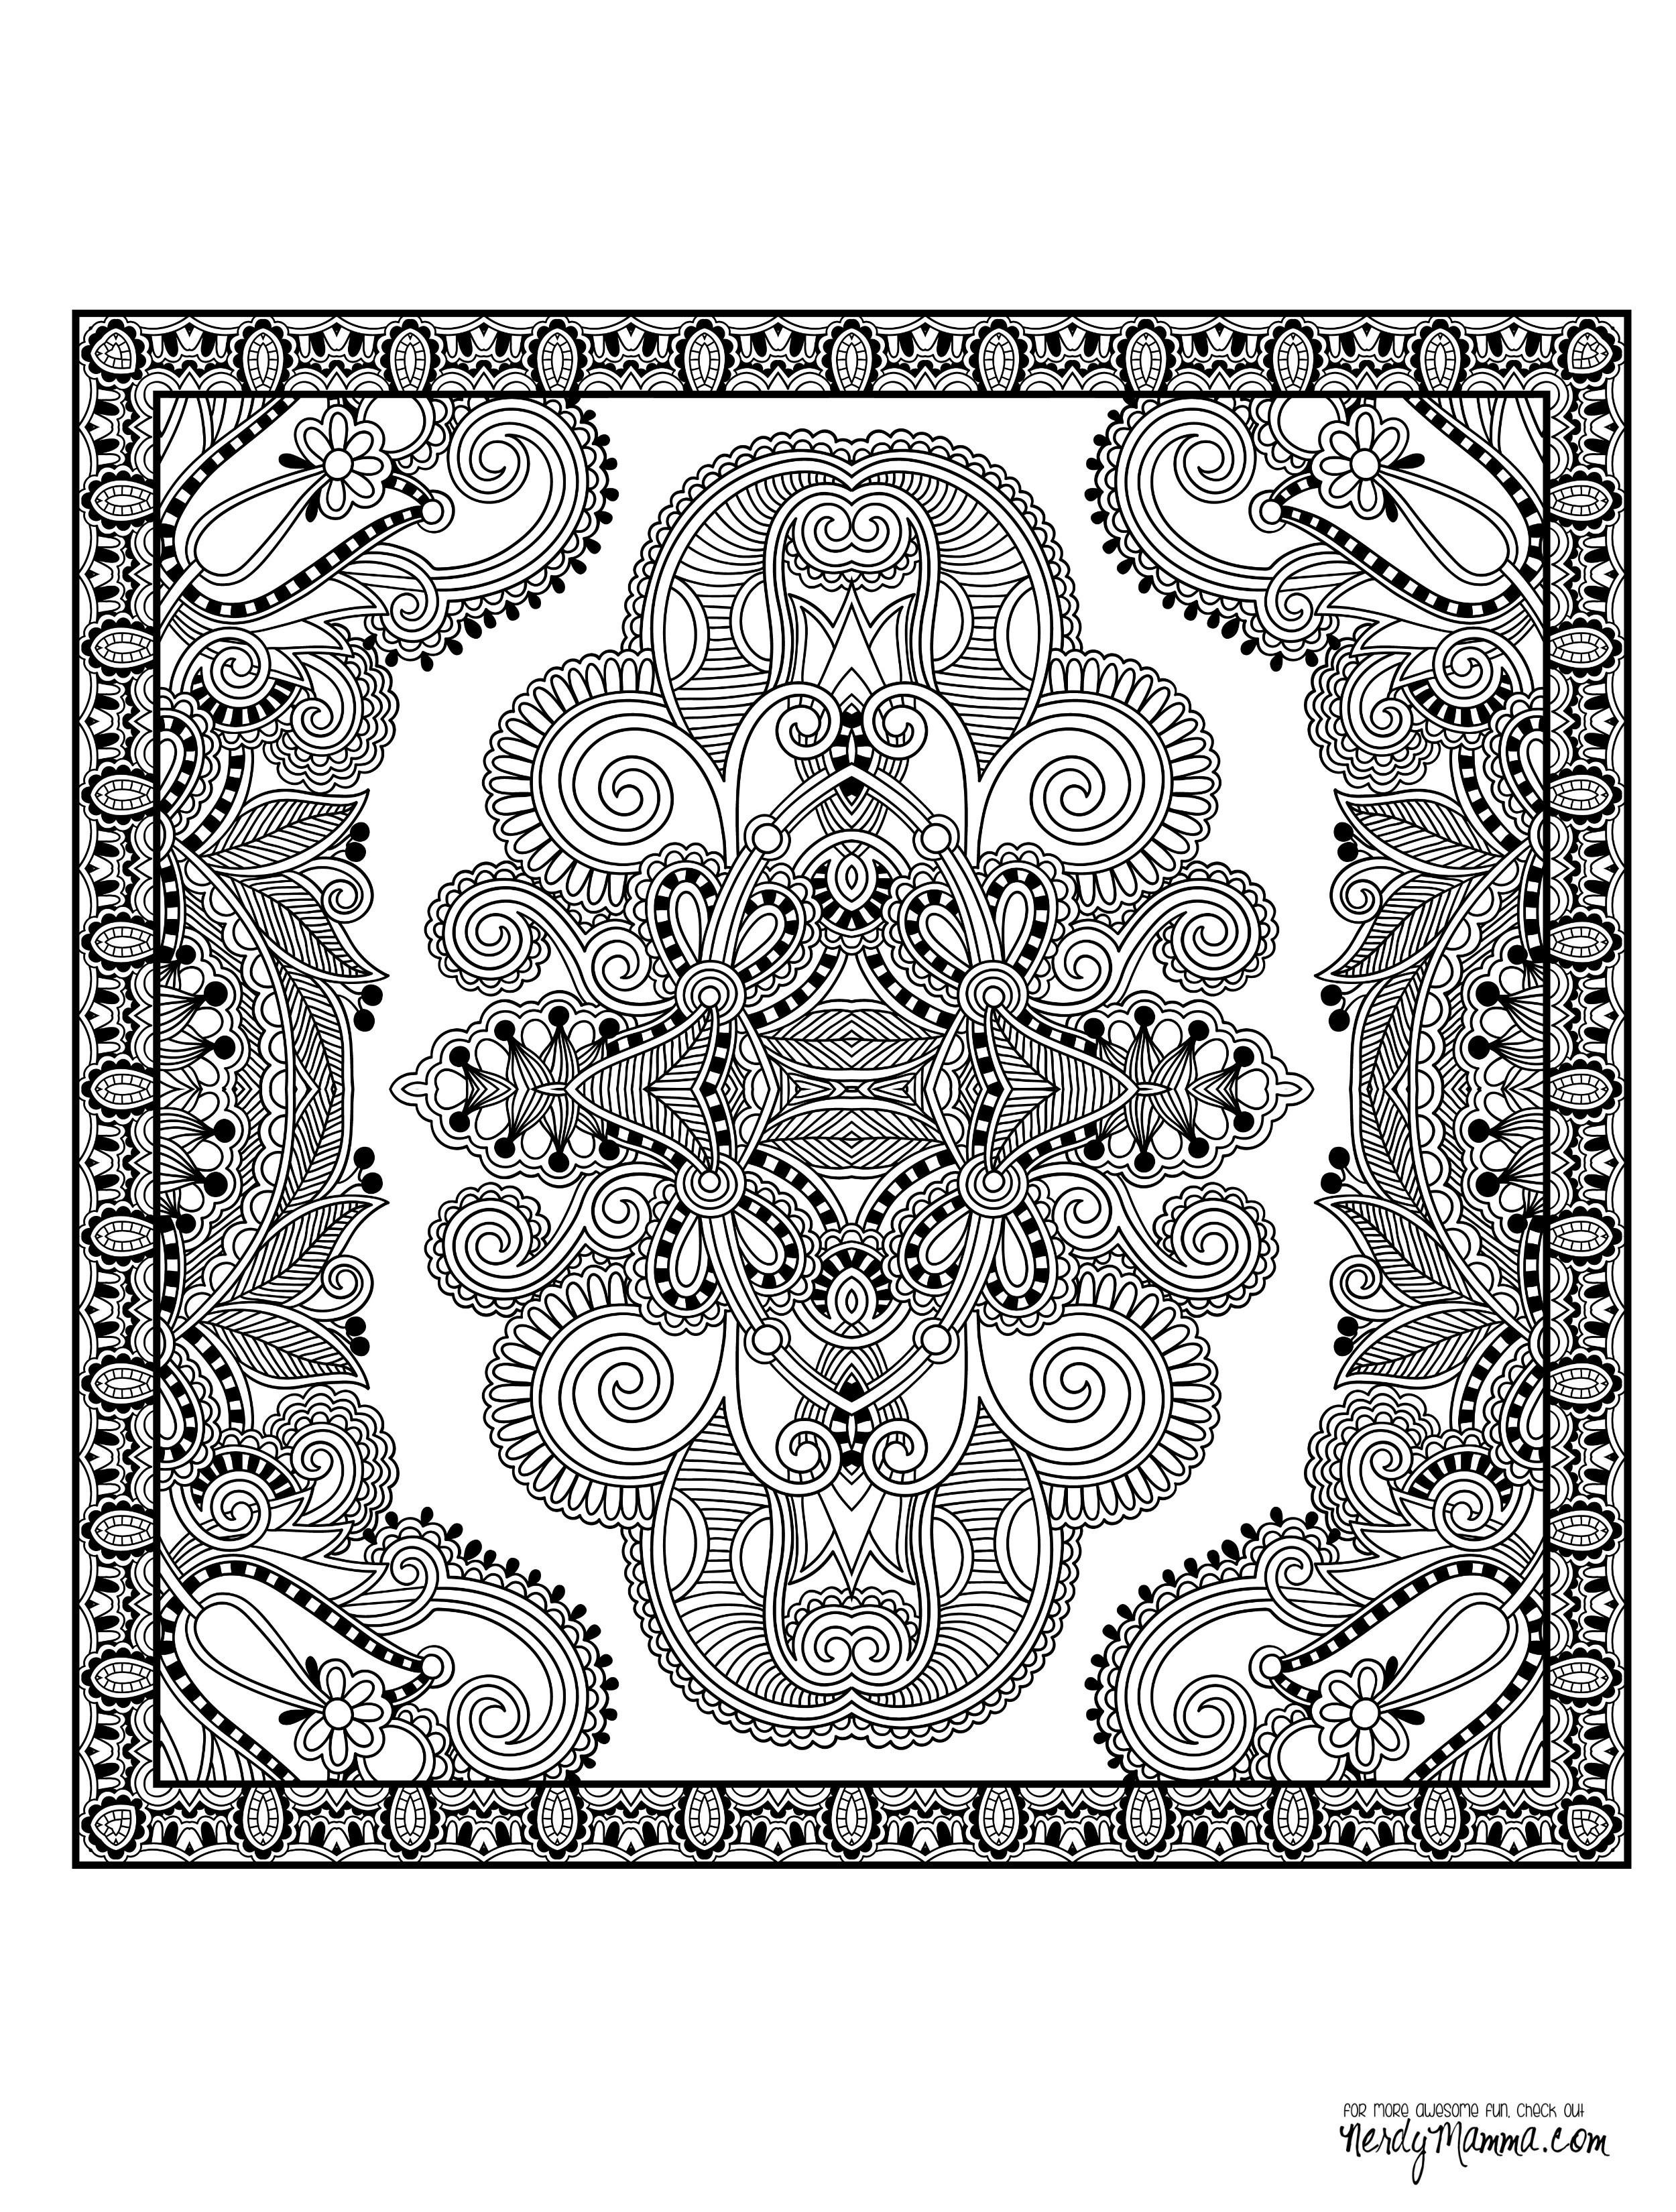 Ausmalbild Mandala Eule Das Beste Von Malvorlagen Für Erwachsene Das Bild